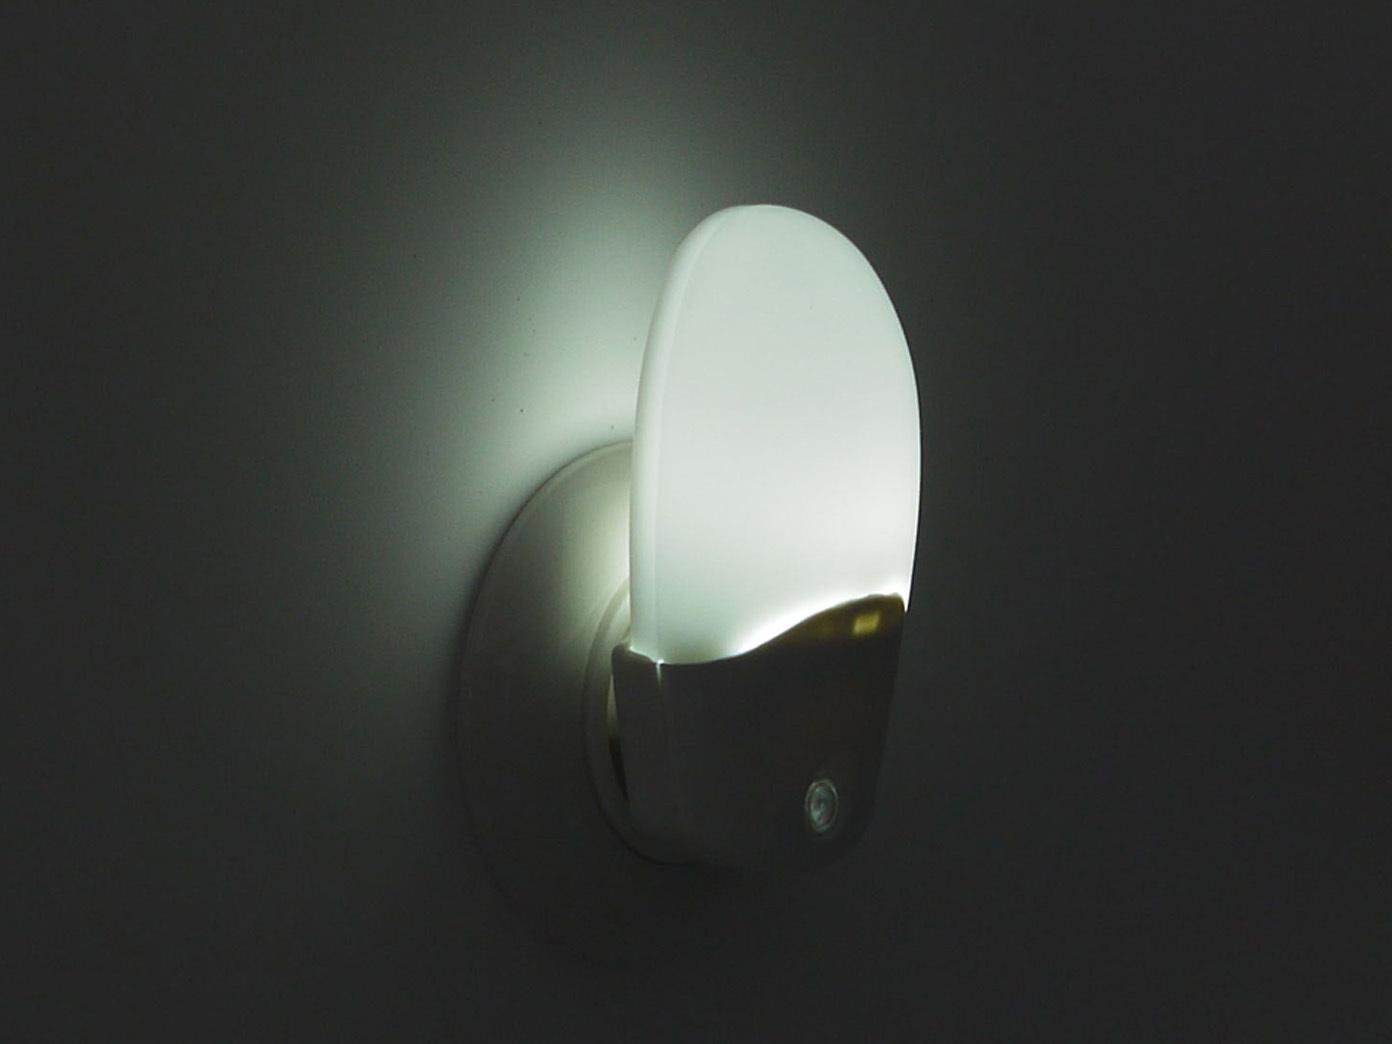 LED-Nachtlicht Steckdose OVAL Nachtlampe Baby Dämmerungssensor Schlummerlicht